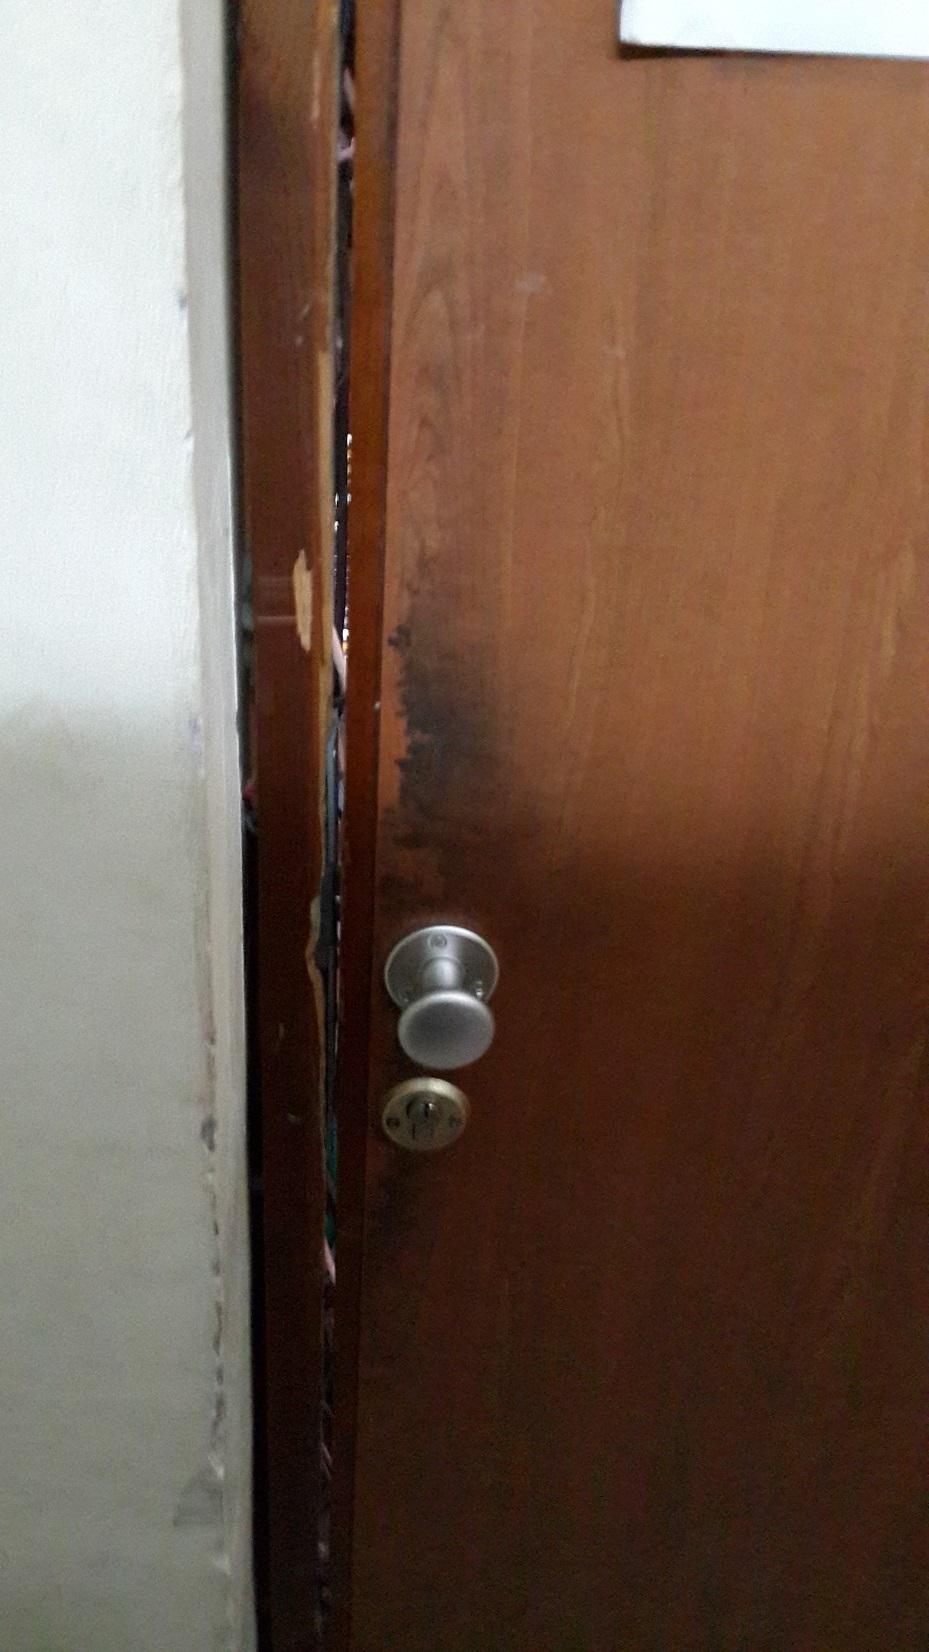 ידית קבועה לדלת